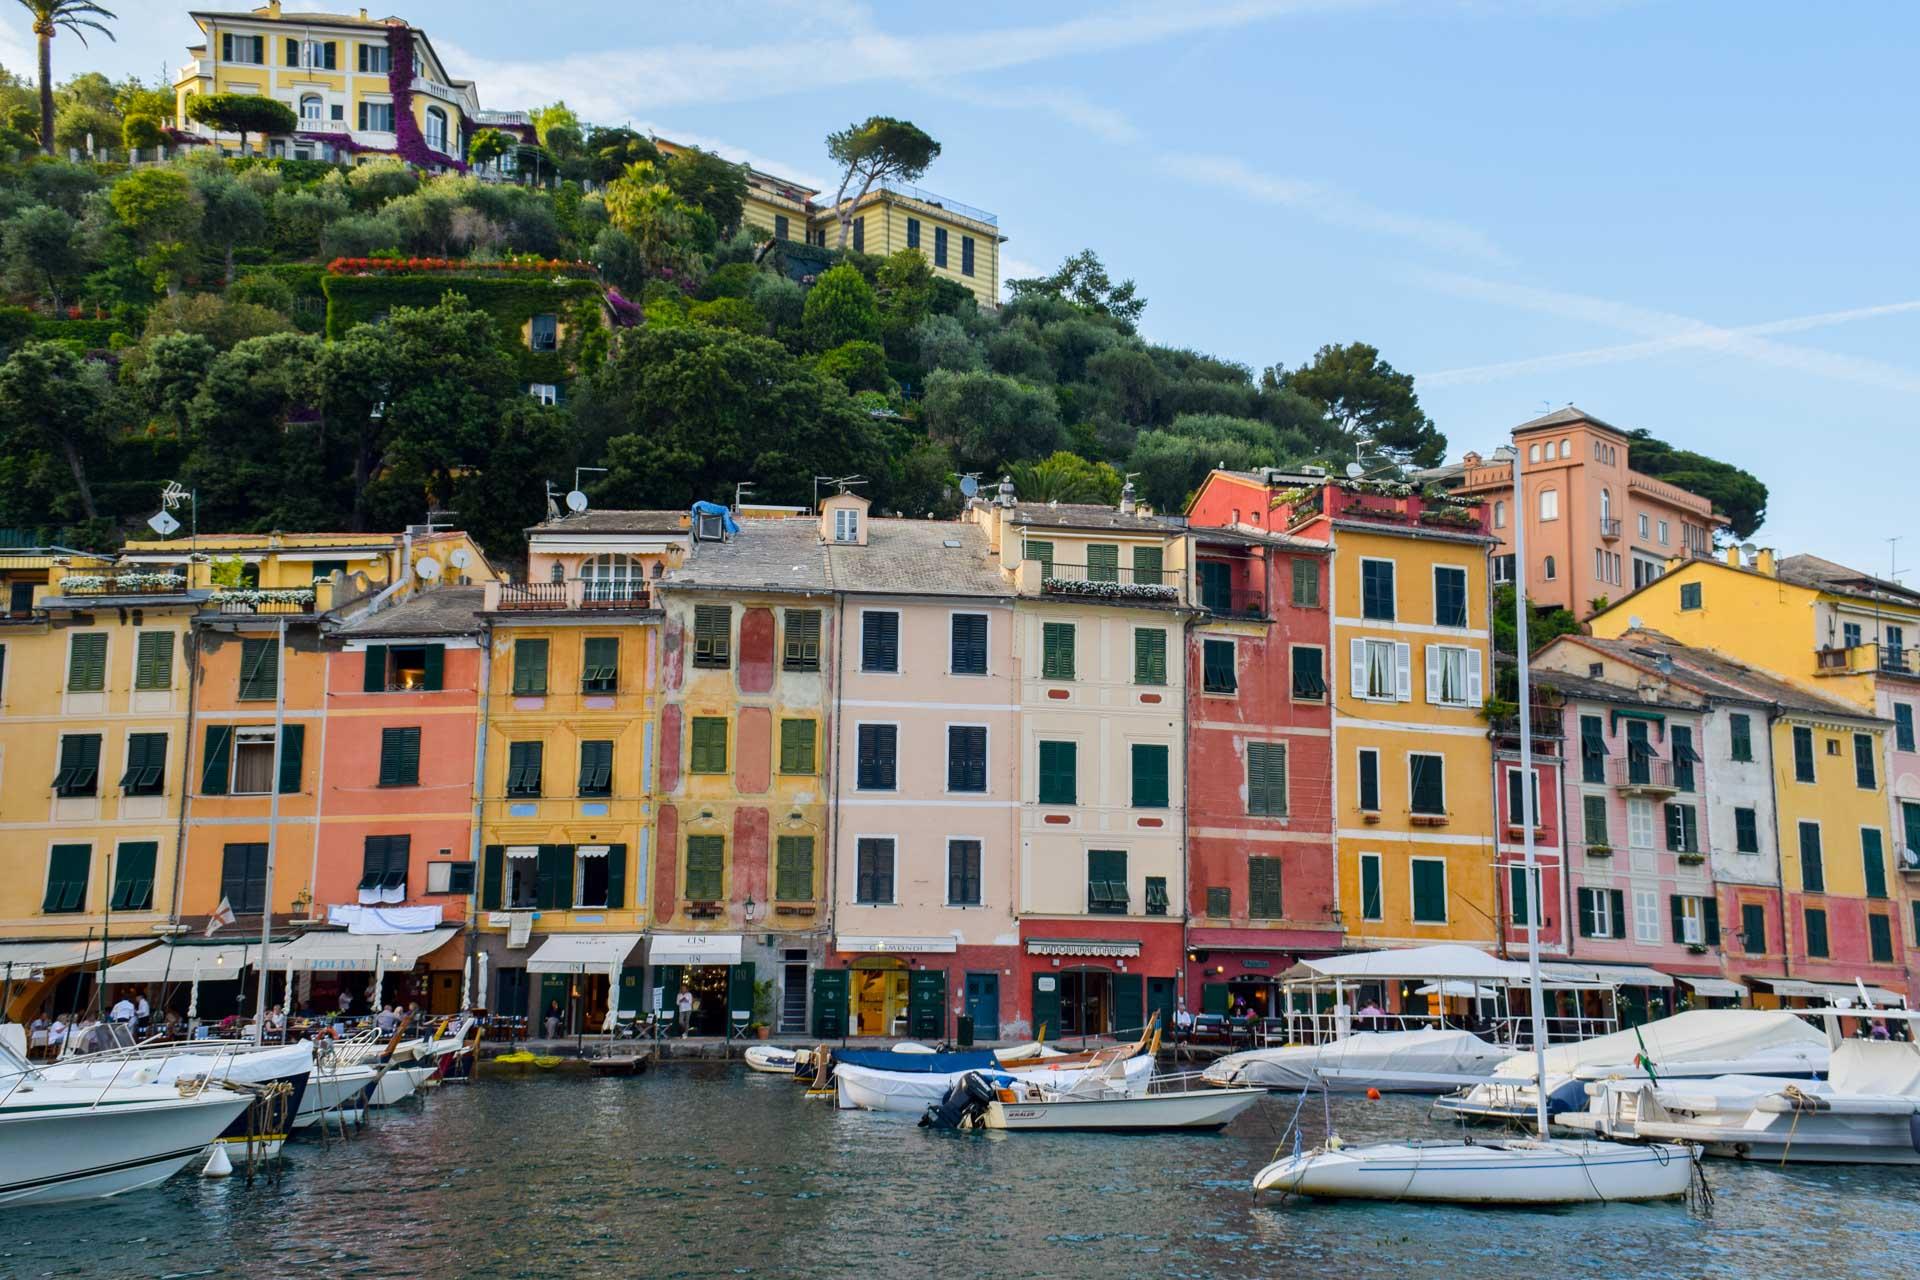 À deux pas de Gènes, en Ligurie, la Riviera italienne se révèle être une destination de rêve pour une escapade glamour et romantique. Direction Portofino et les Cinque Terre pour vivre, le temps d'un weekend, la dolce vita.